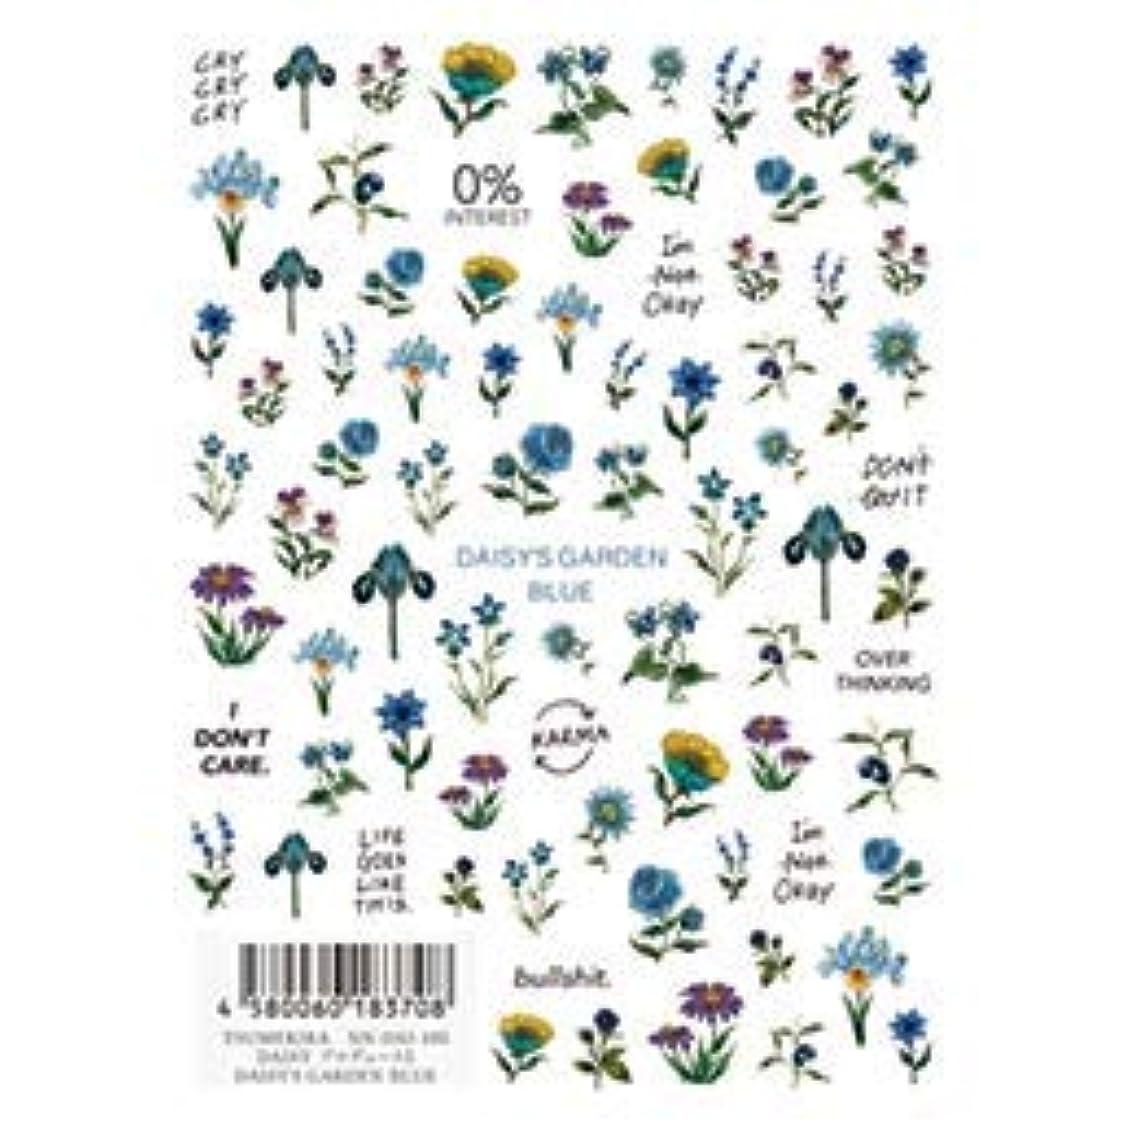 同性愛者幼児パンフレットツメキラ DAISYプロデュース5 デイジー ガーデン ブルー NN-DAI-105